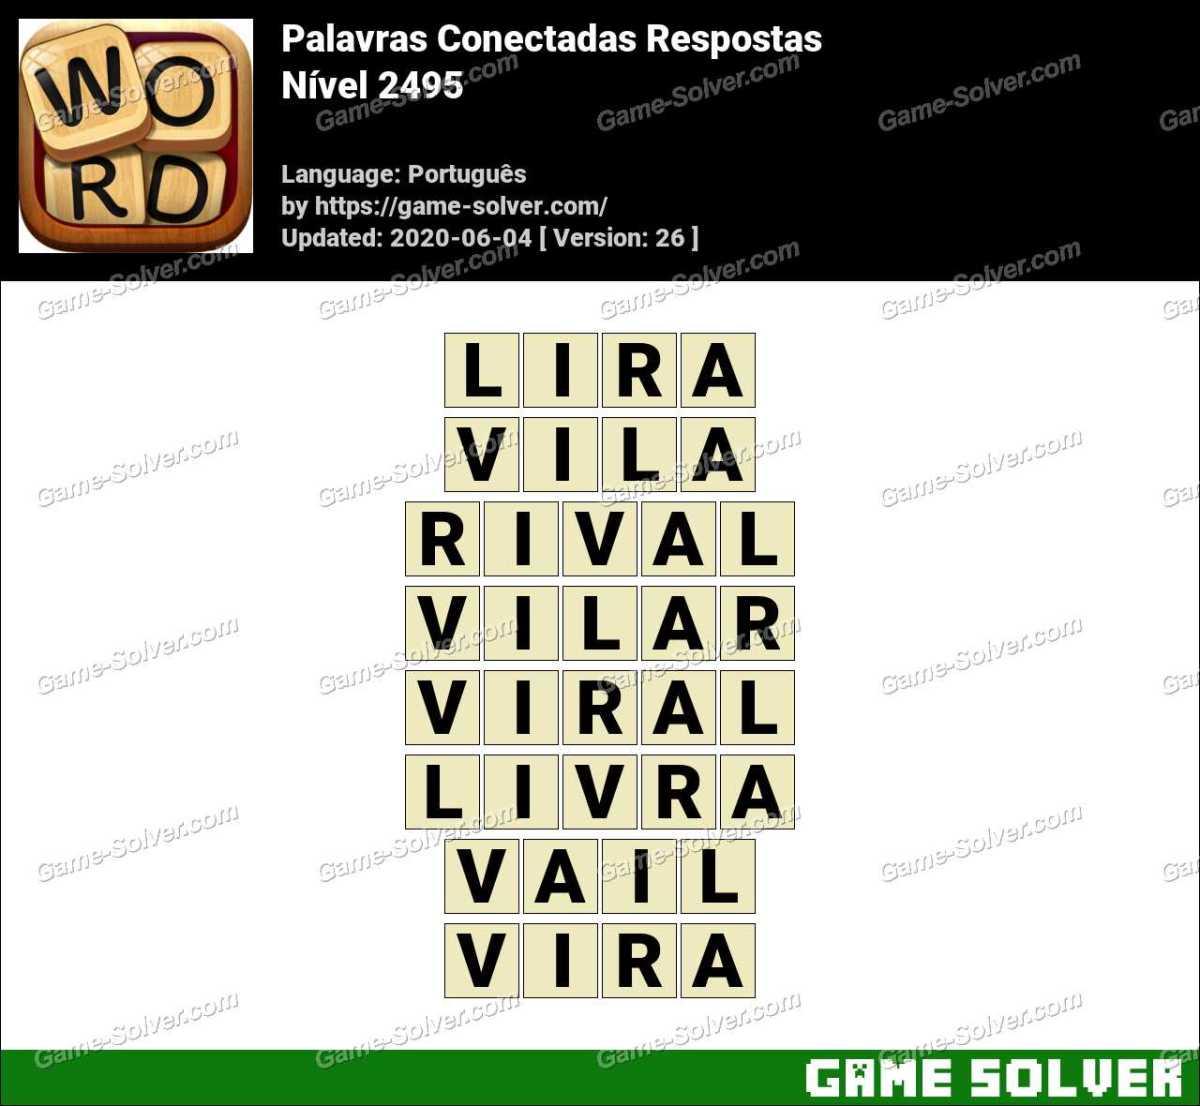 Palavras Conectadas Nivel 2495 Respostas